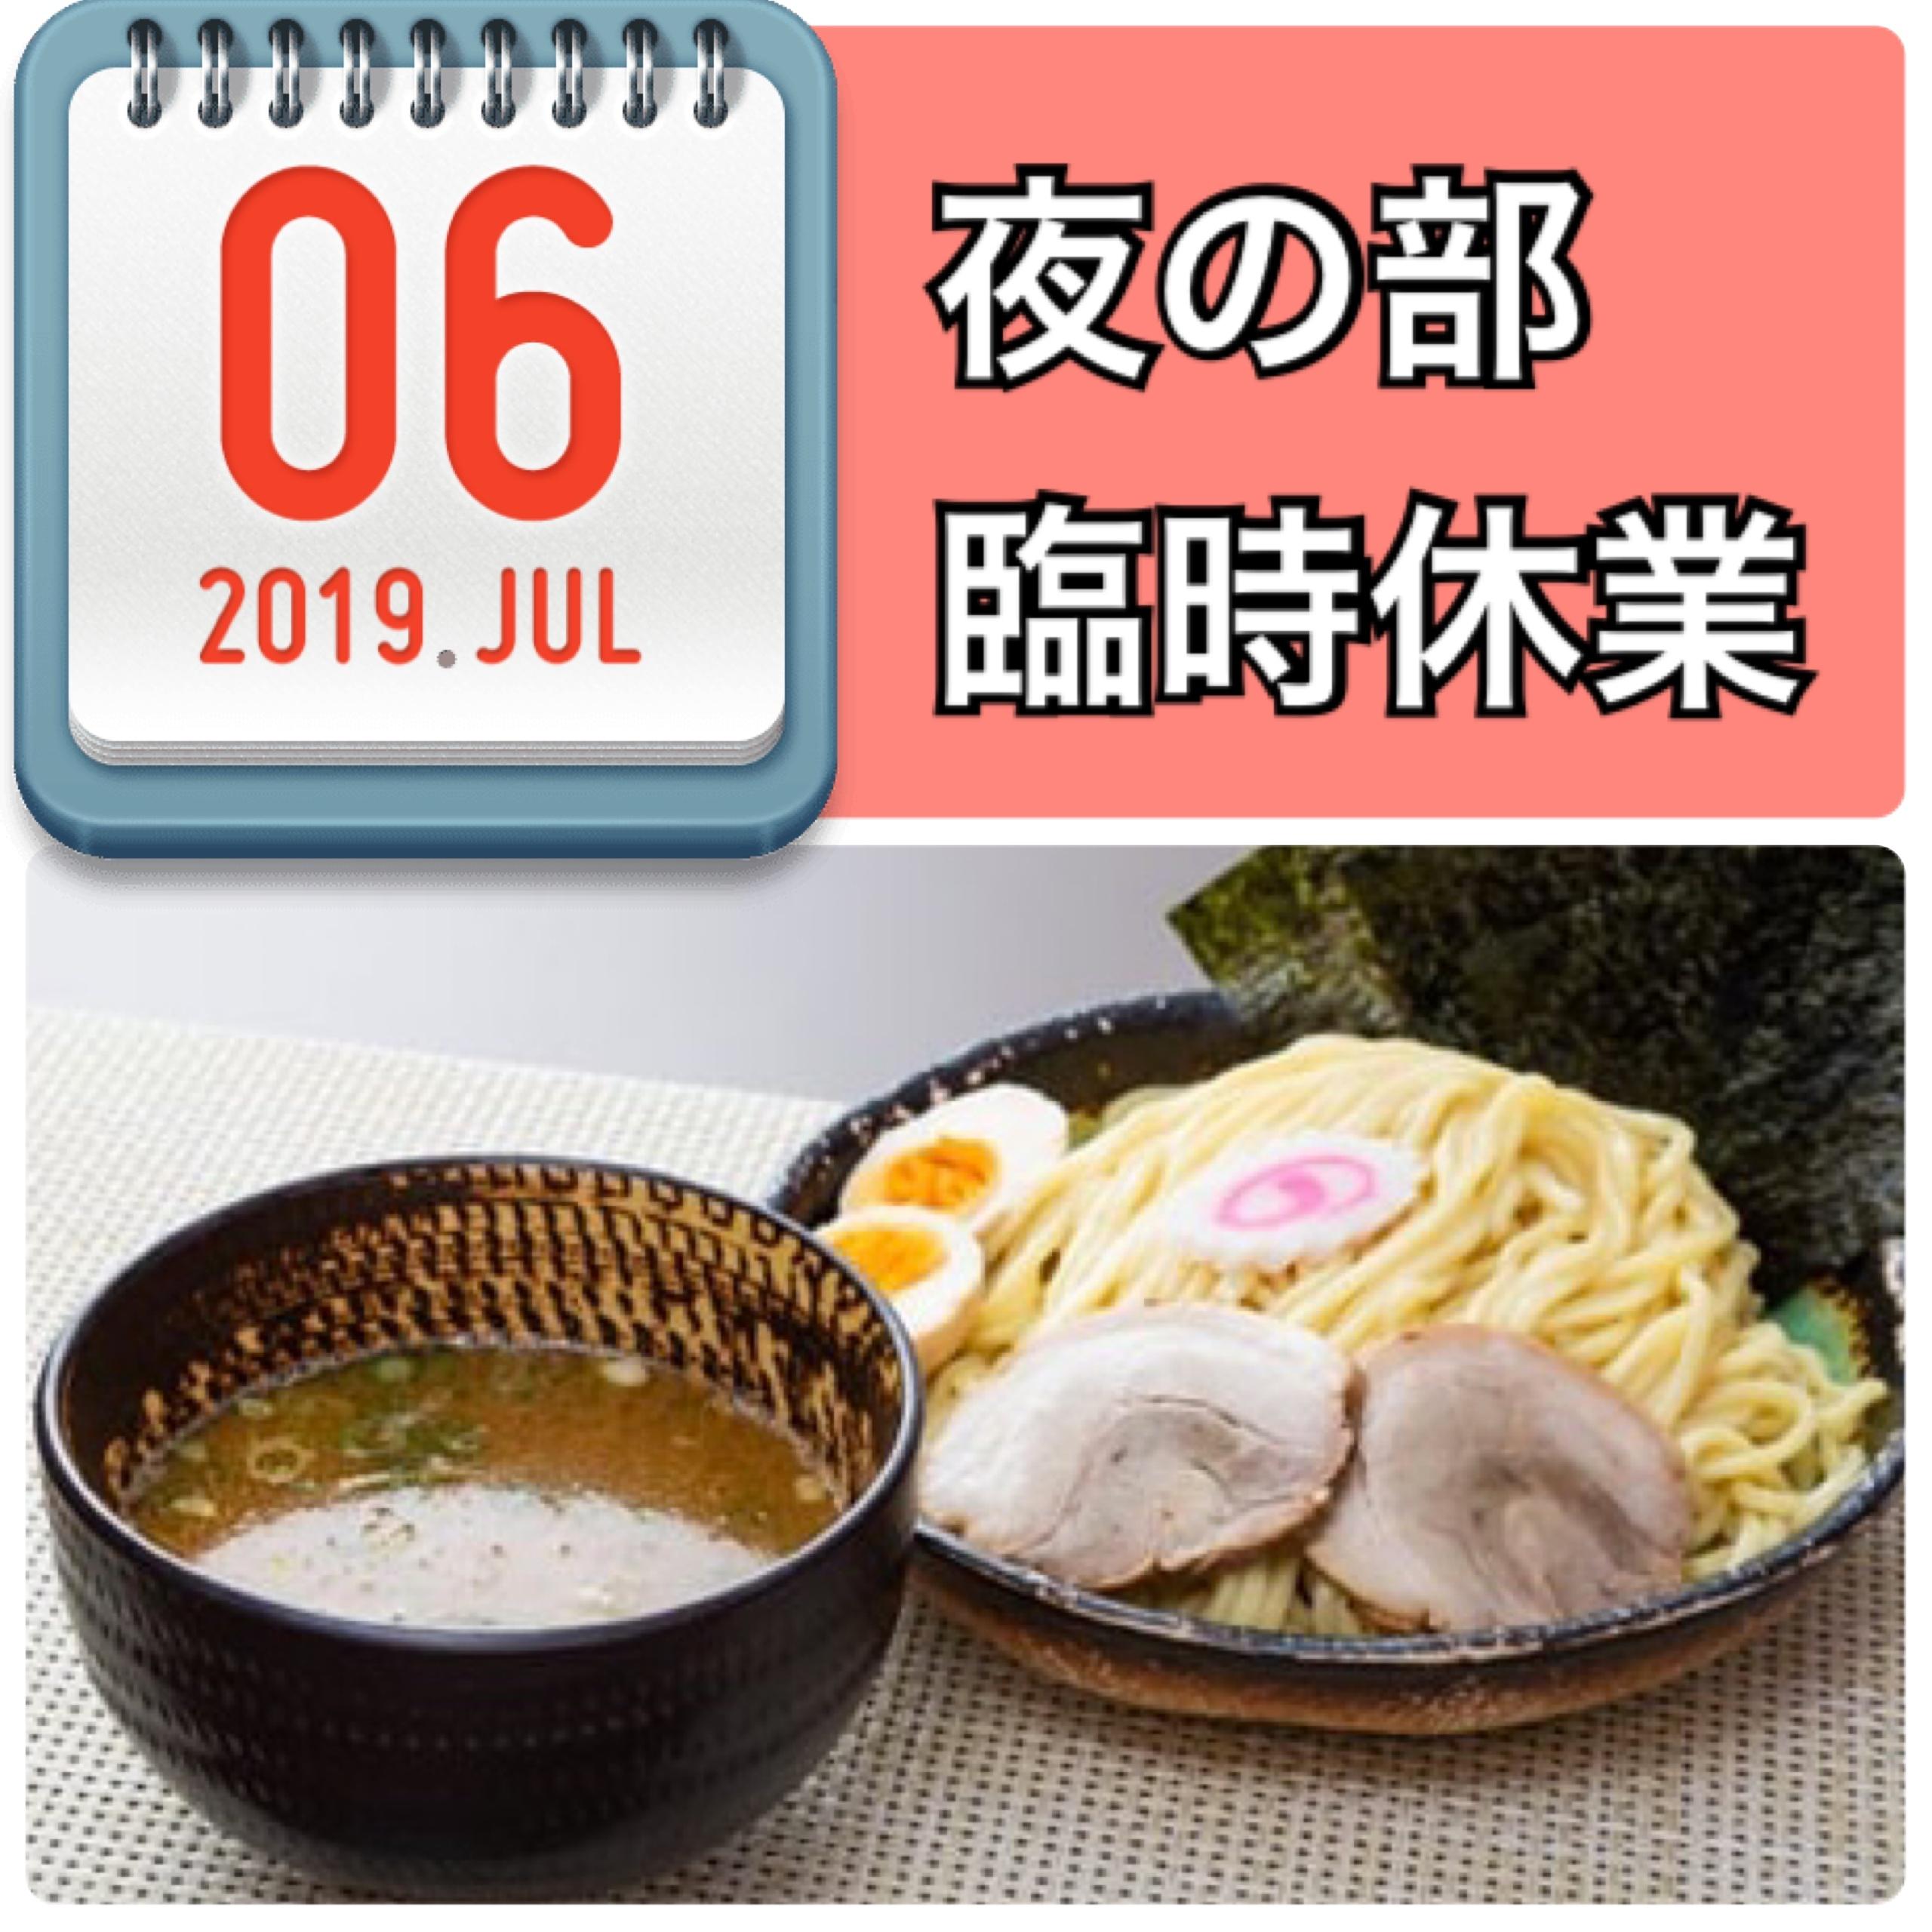 麺彩房@中野区新井3-6-7